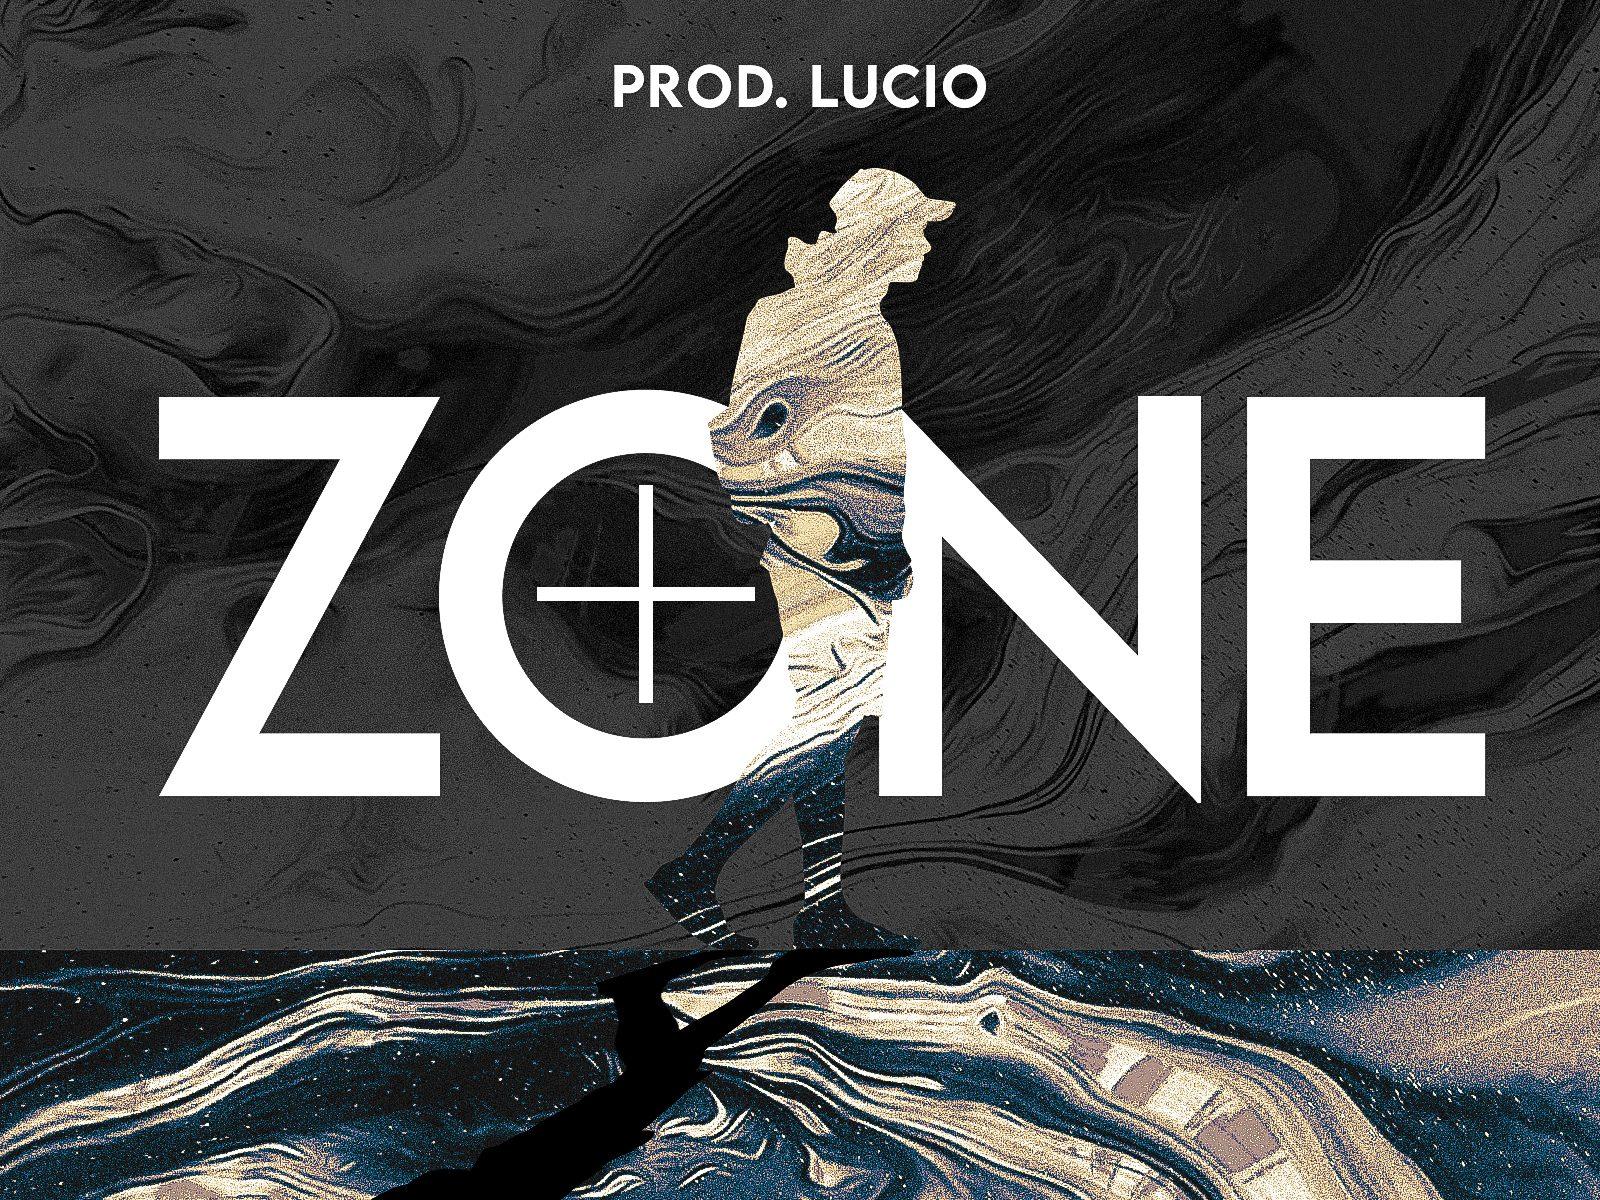 Prod. Lucio Zone feat. Amvis